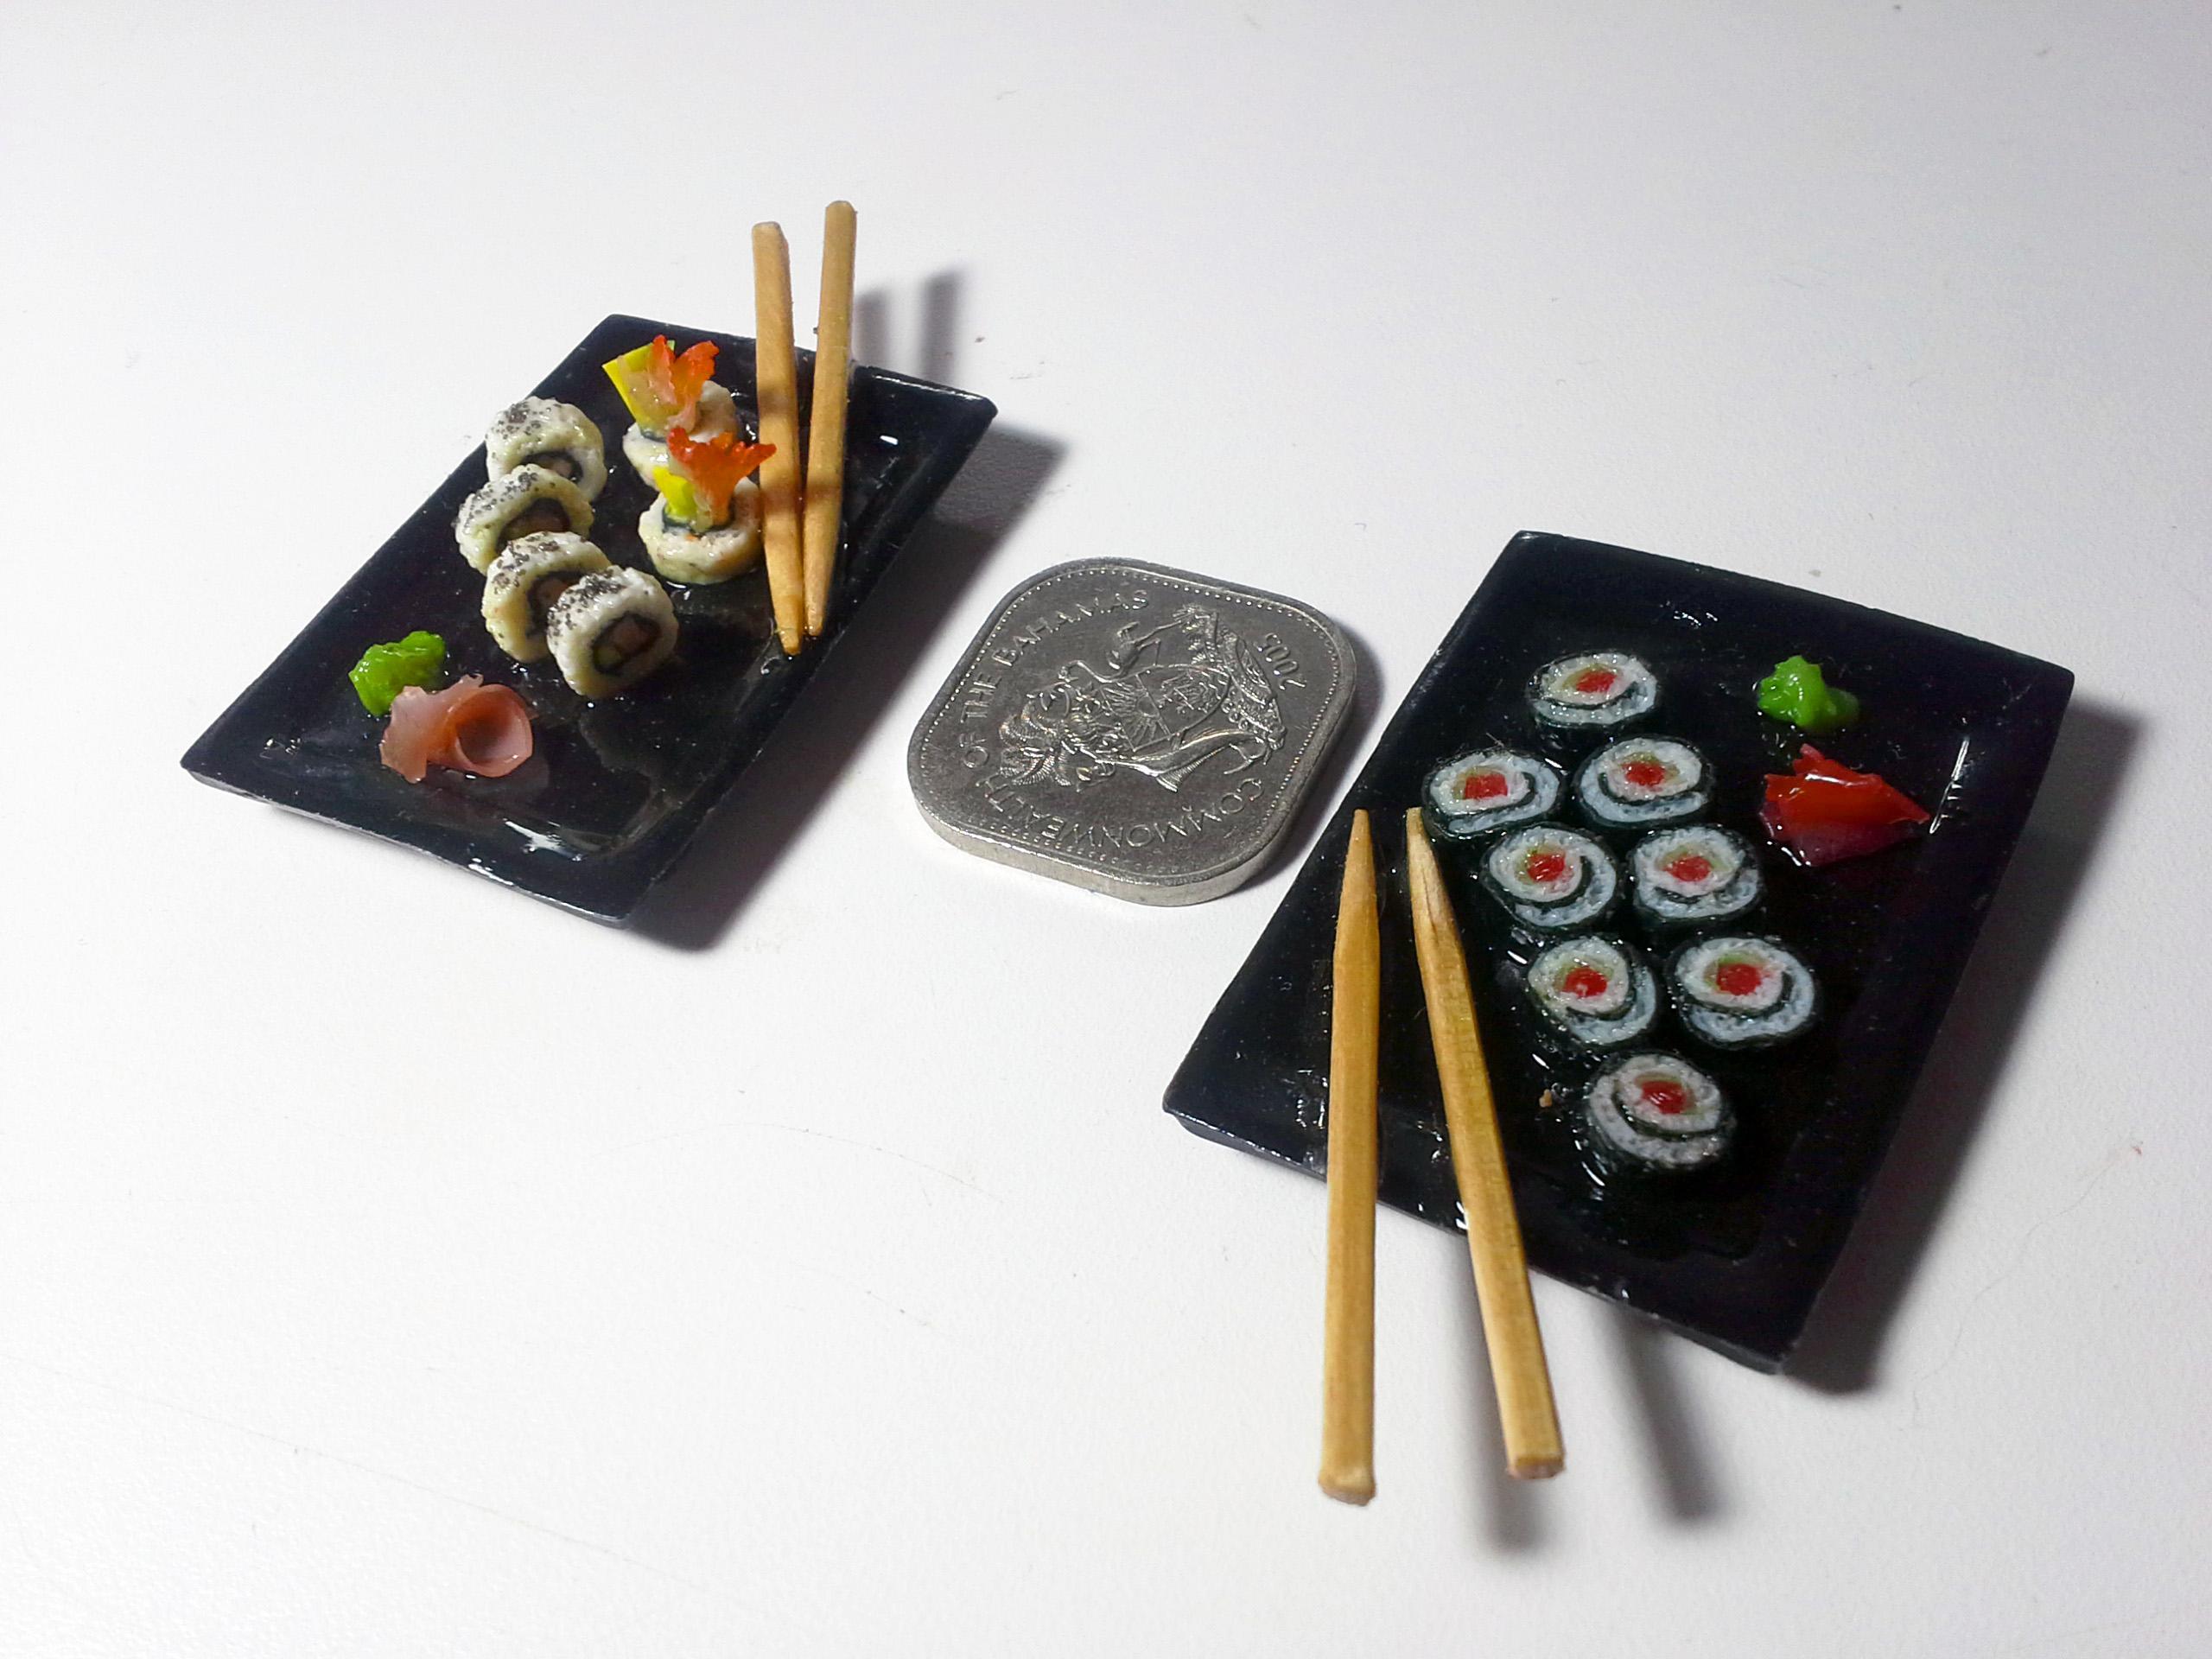 Miniature maki rolls